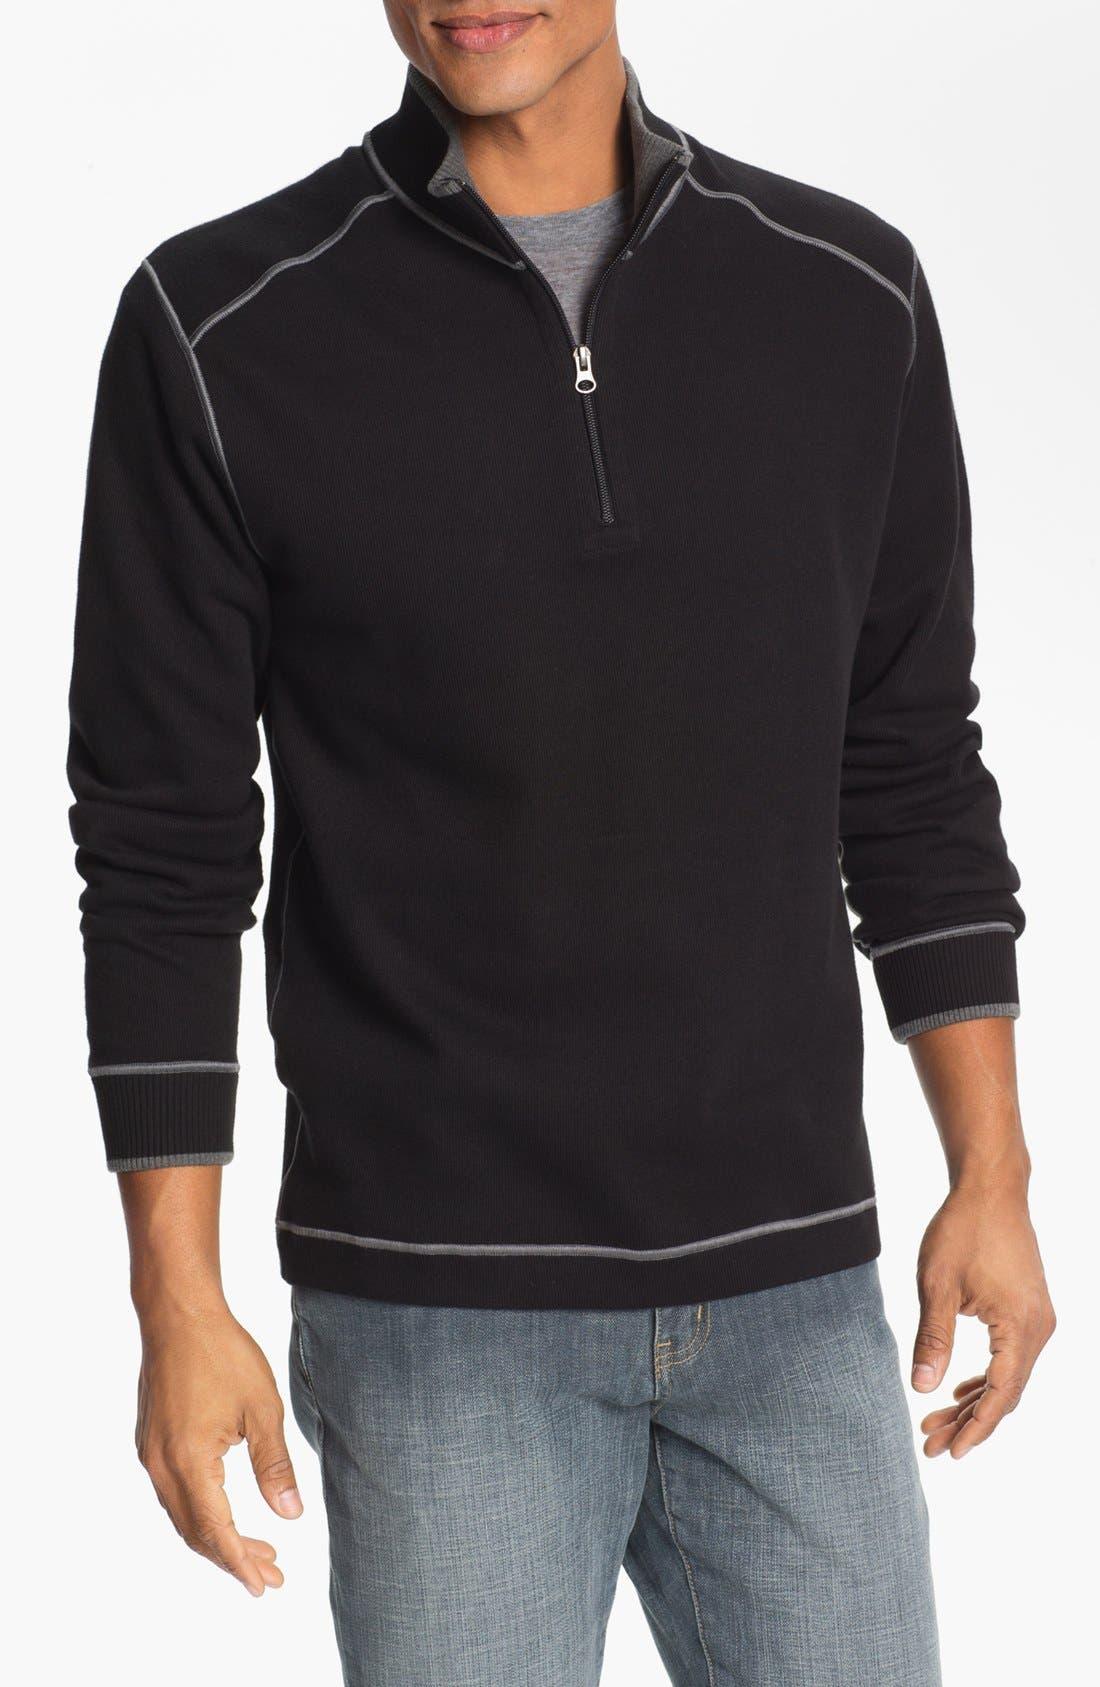 Main Image - Cutter & Buck Regular Fit Quarter Zip Sweater (Regular & Big)